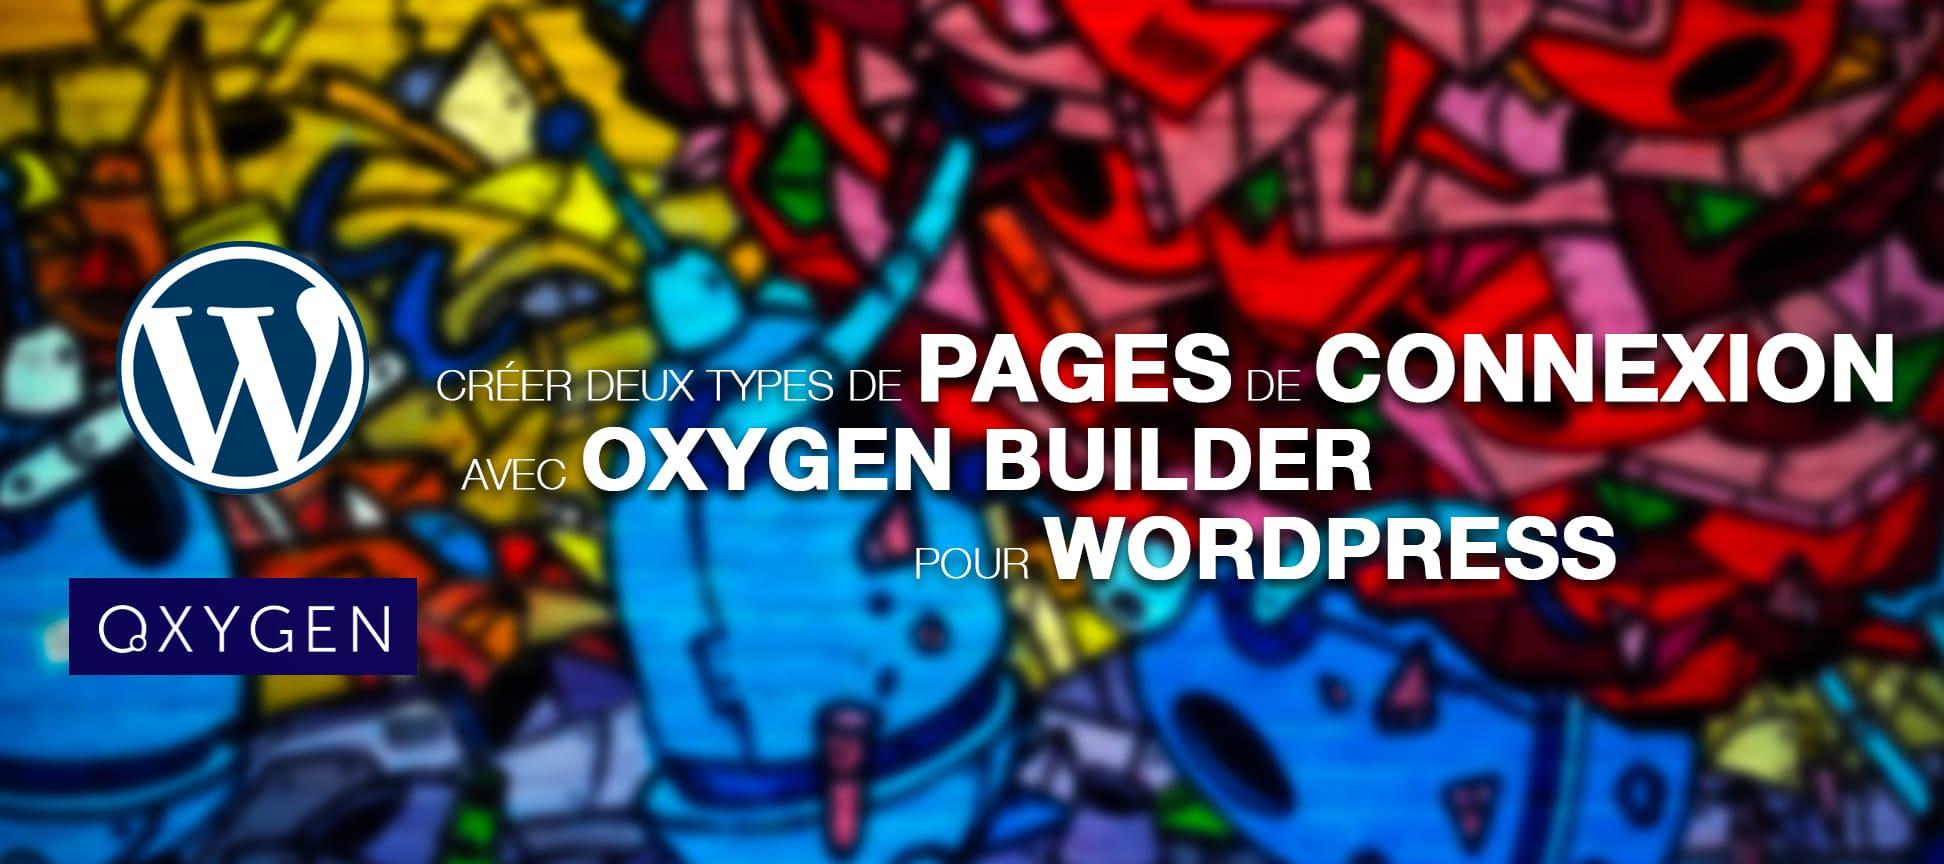 Créer deux types de pages de connexion avec Oxygen pour WordPress